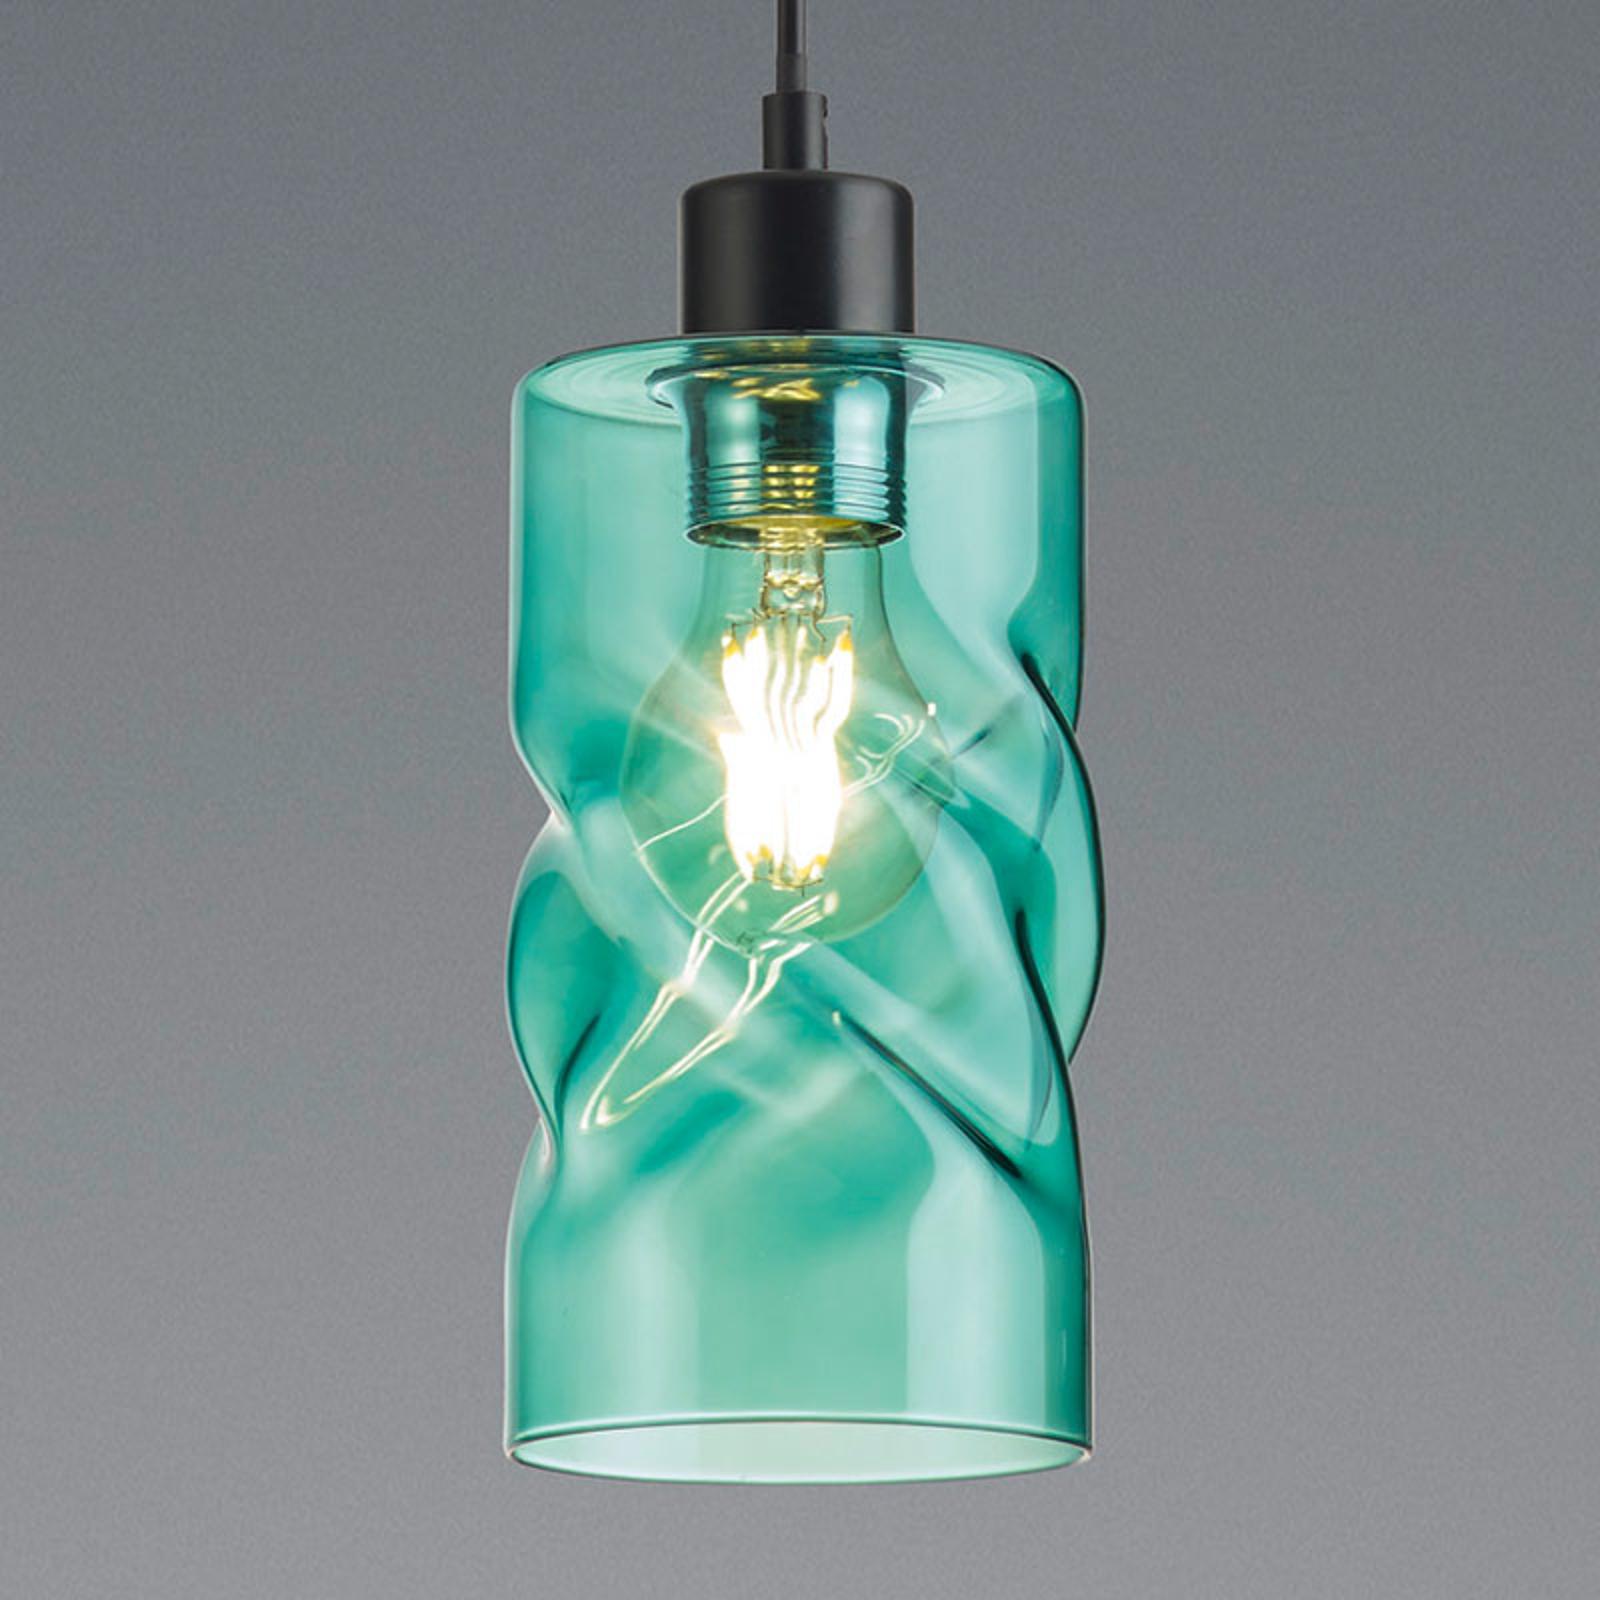 Lampa wisząca Swirl ze szkła, 1-pkt., turkus